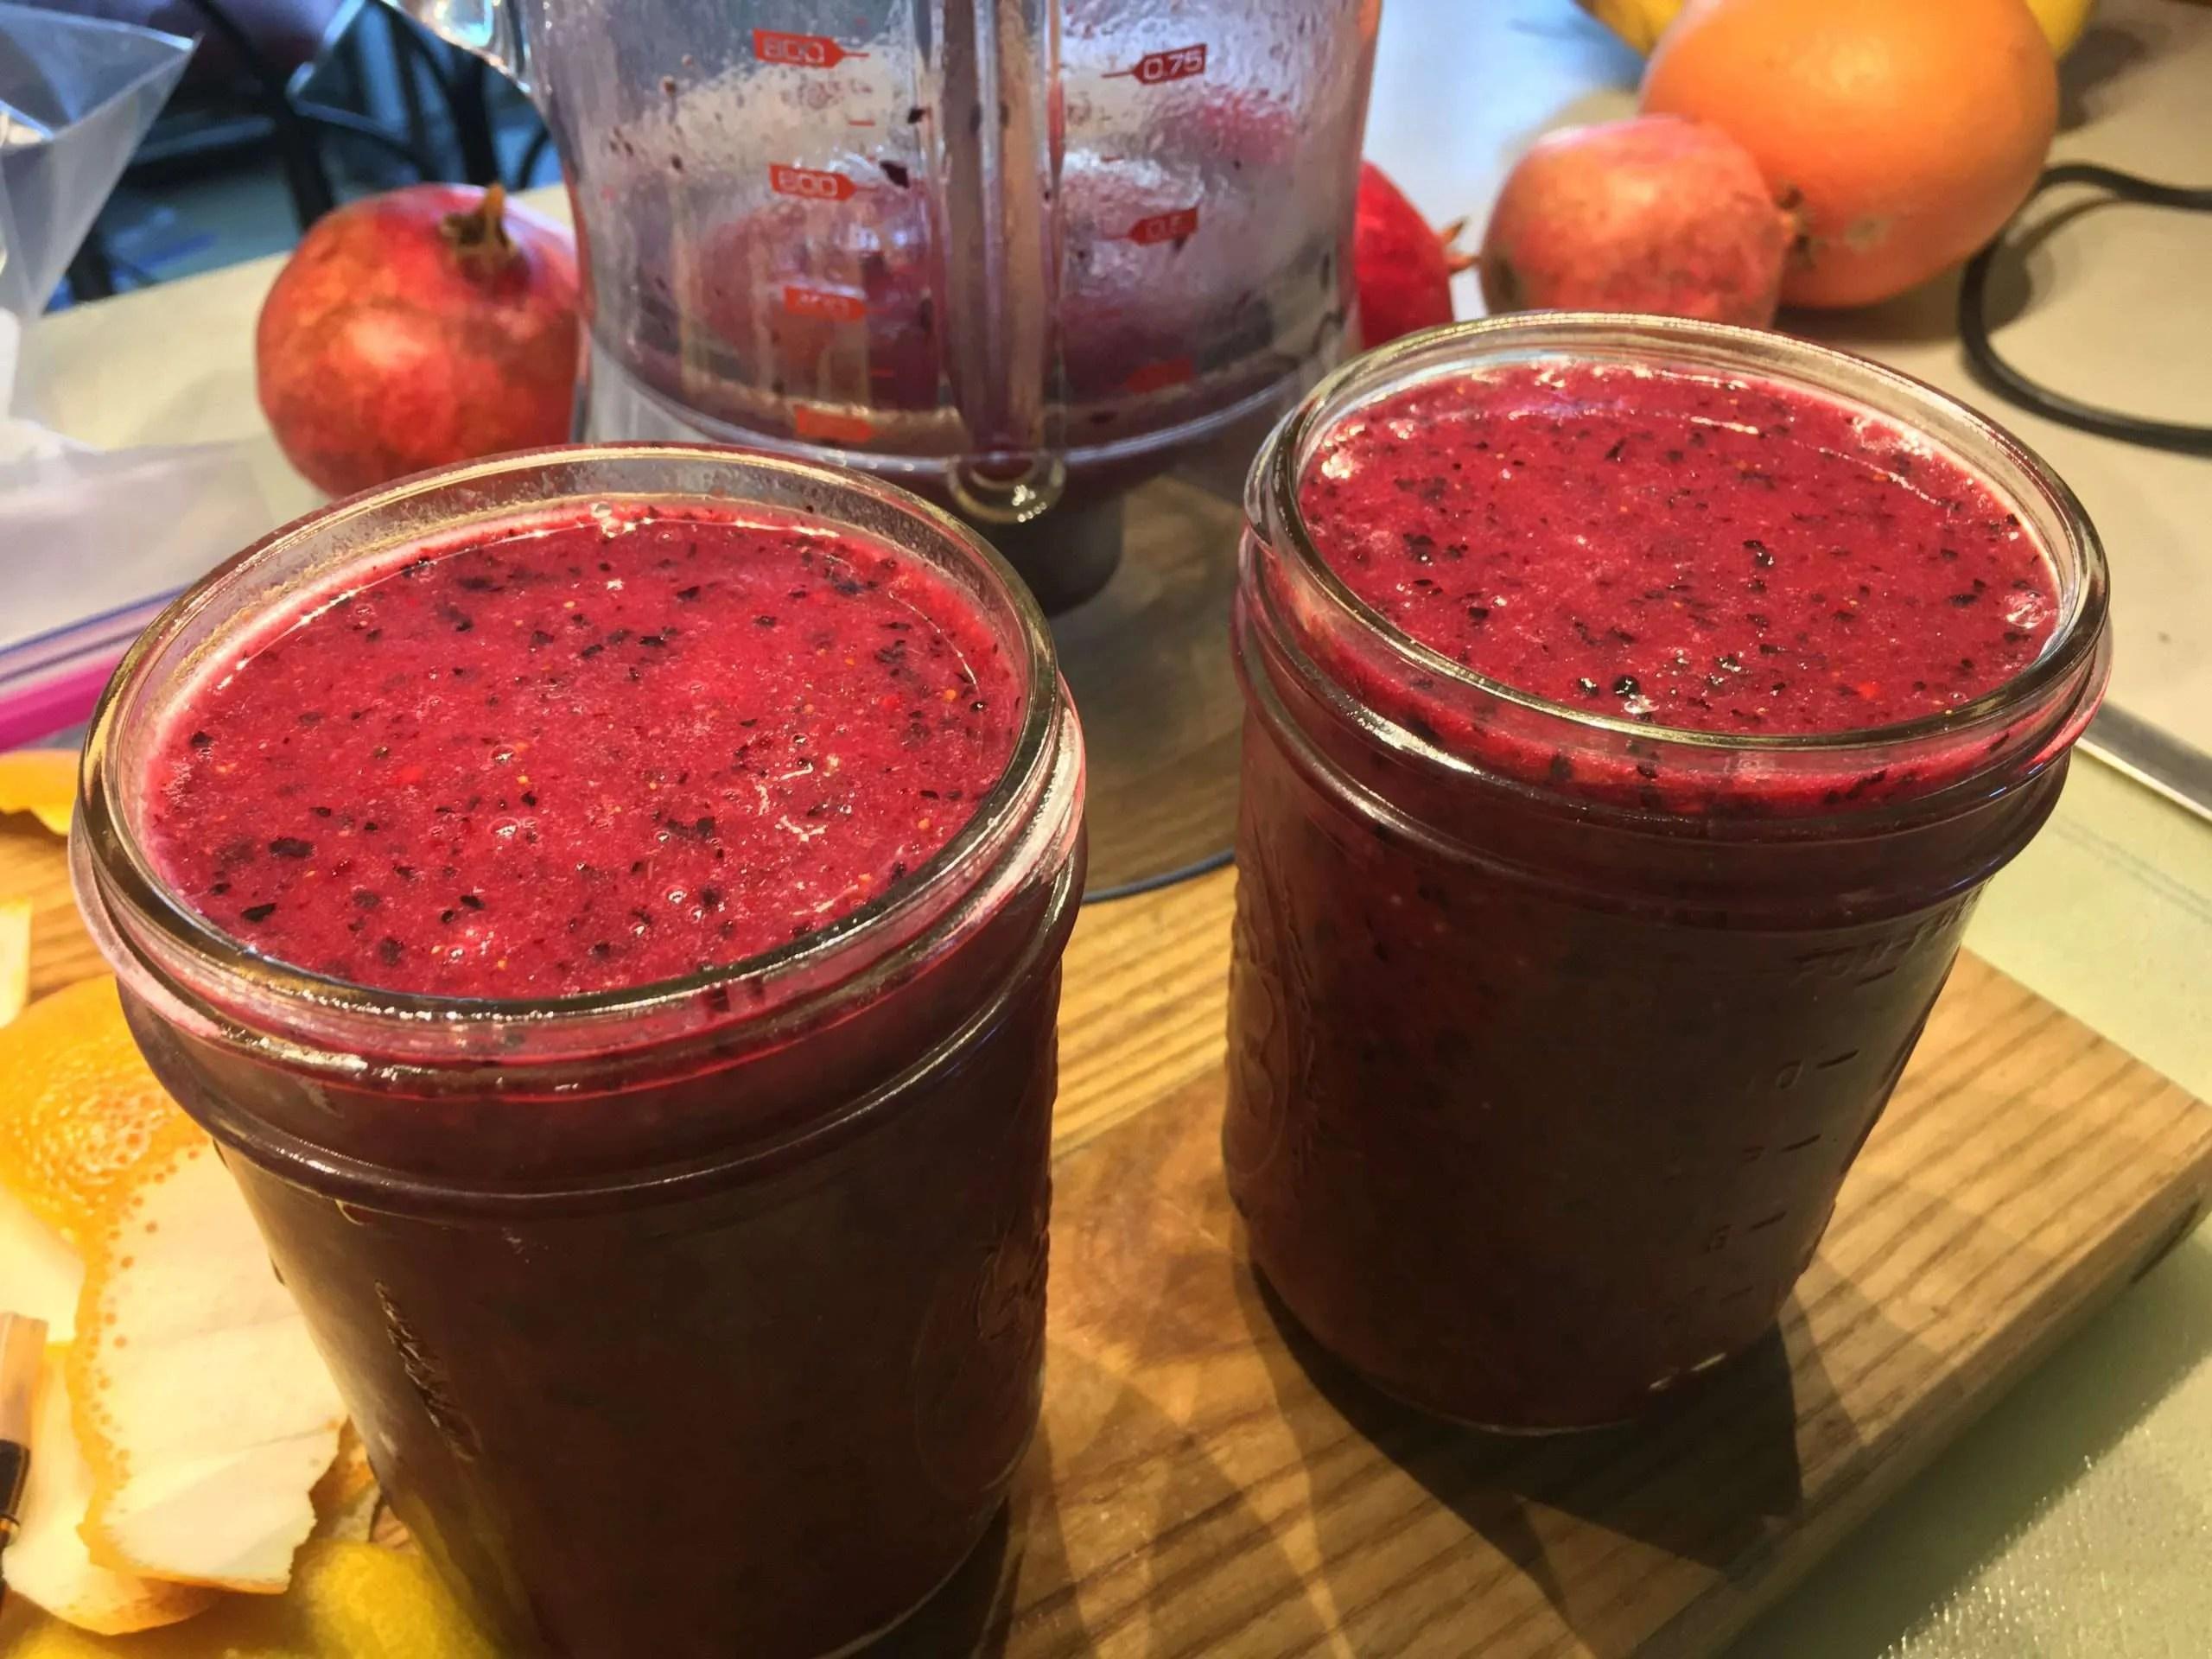 Blueberry/Blood Orange Margaritas